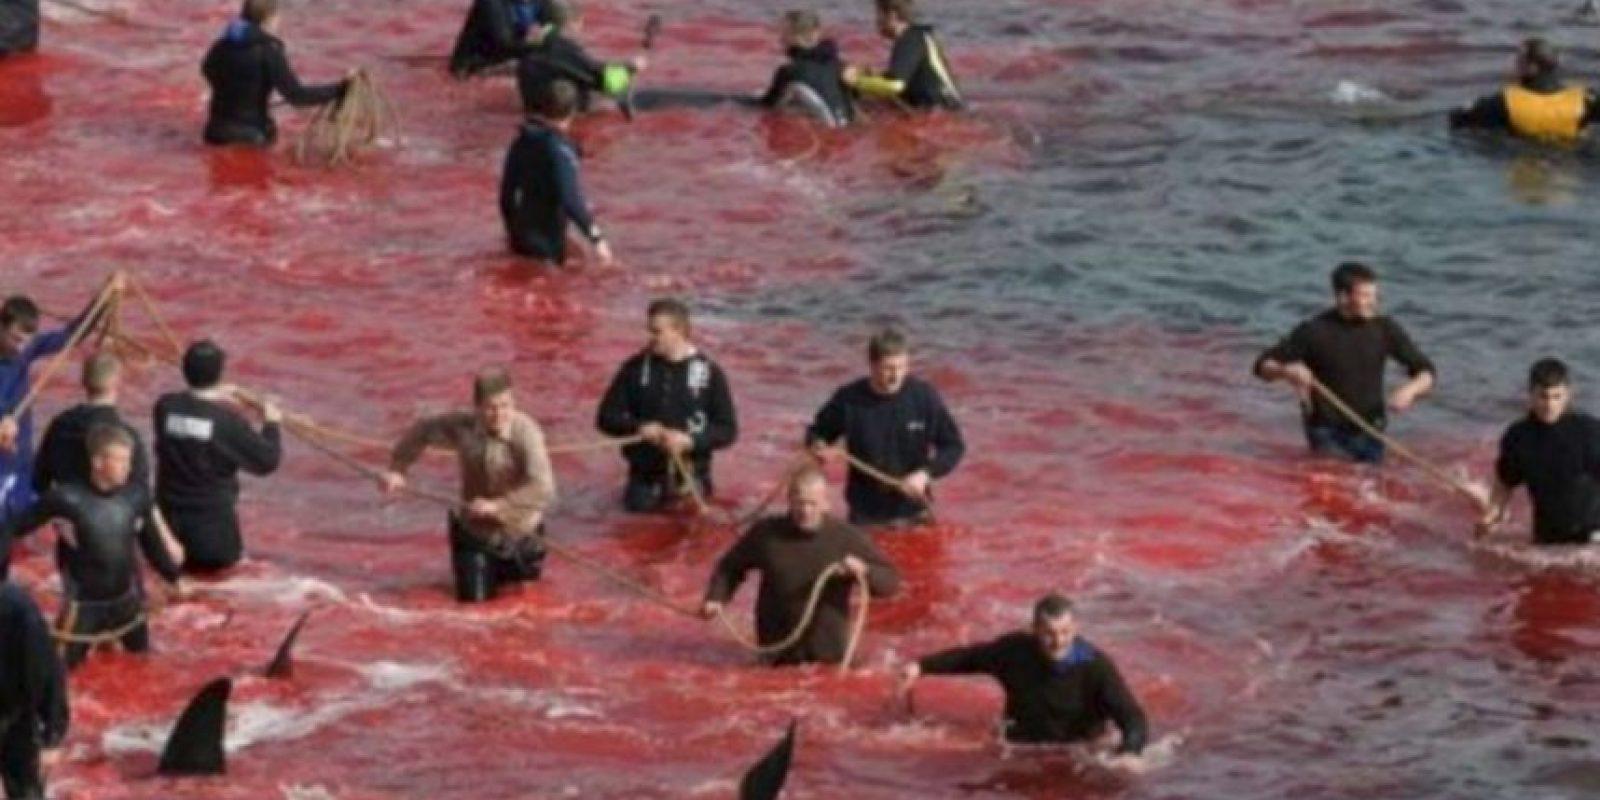 Atrapan ballenas para apuñalarlas en la costa. Participan niños. Foto:vía Sea Shepherds